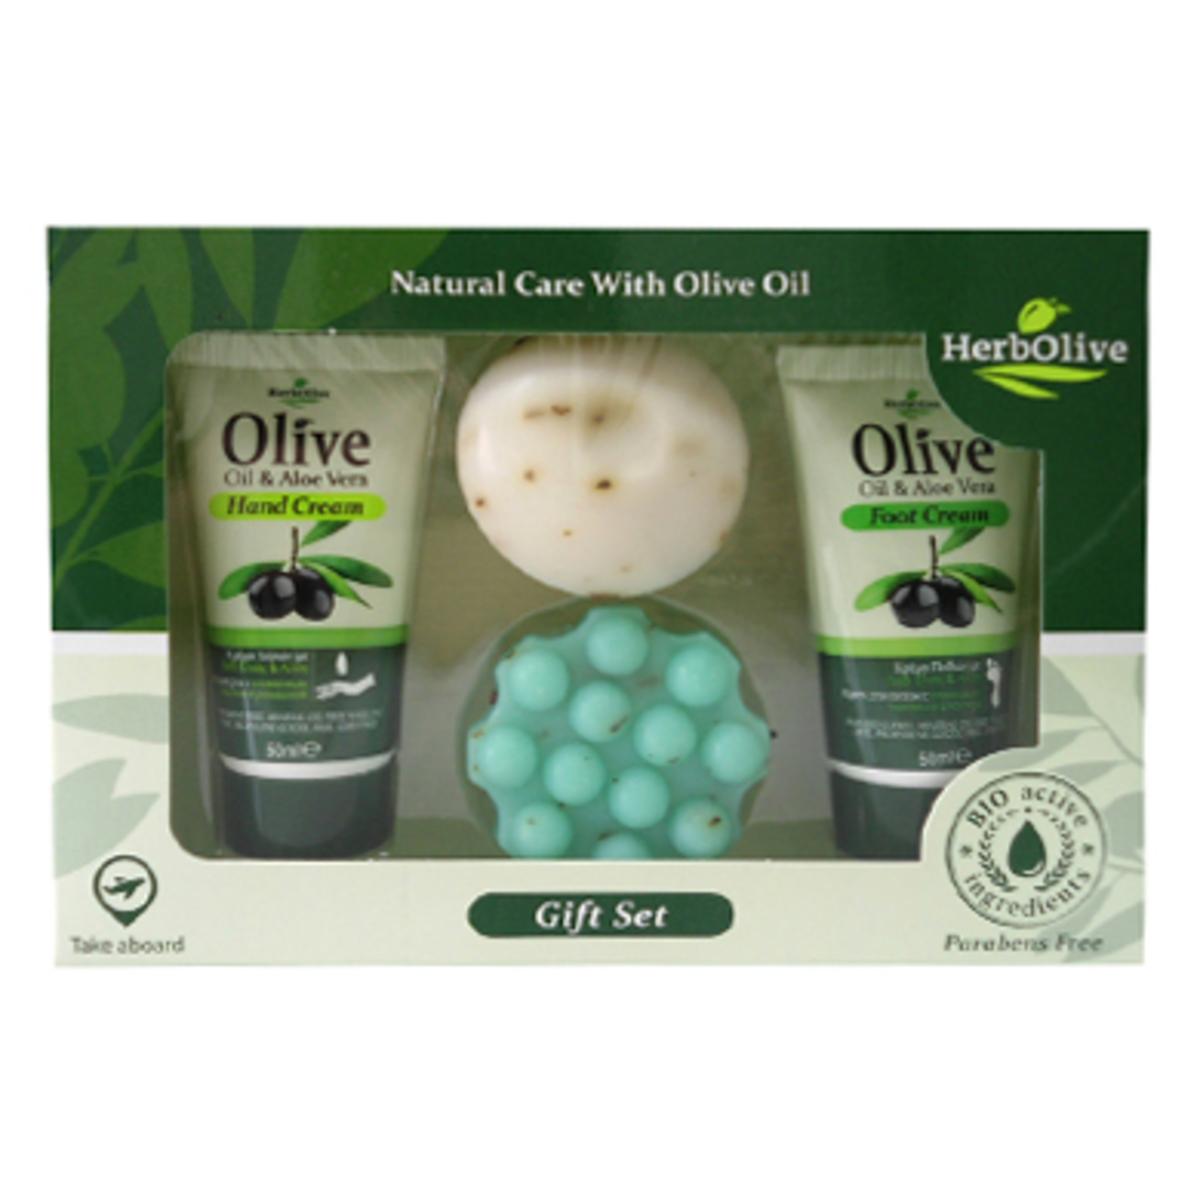 HerbOlive Подарочный набор №35200310401121Подарочные наборы Herbolive сочетают несколько продуктов из разных линий по уходу за кожей.Каждый сет предлагает интересные комбинации на самый взыскательный вкус и дарит вам уникальные продукты созданные критской природой. В набор входит крем для рук с алоэ (50 мл), крем для ног с алоэ (30 мл), мыло с молочным протеином (55 г), мыло с диктамосом (55 г) Товар прошел дерматологический контроль.